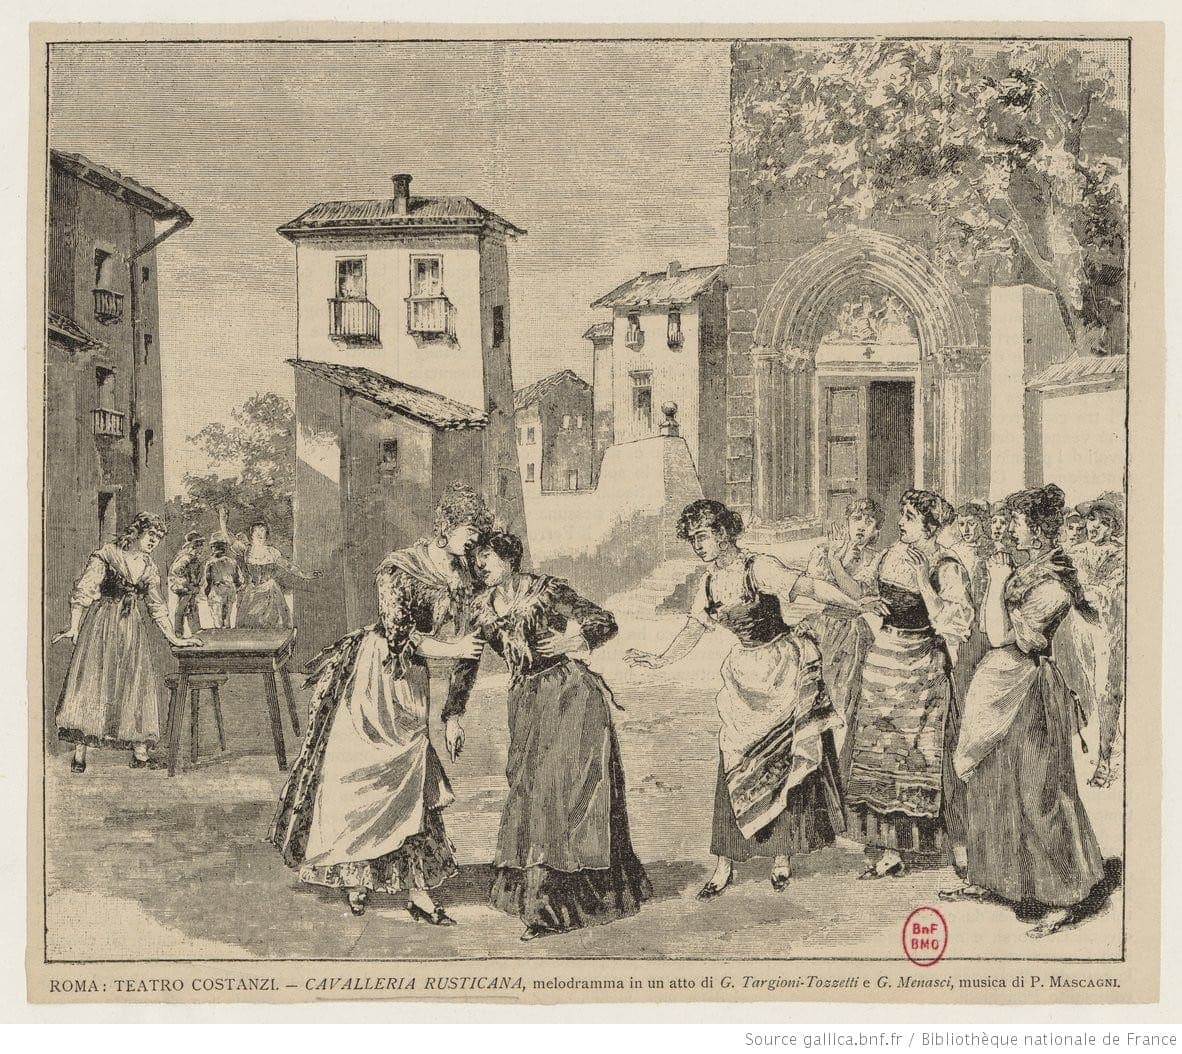 """Открытка с изображением сцены спектакля оперы """"Cavalleria rusticana"""" в Teatro Costanzi. Премьера 17 мая 1890."""